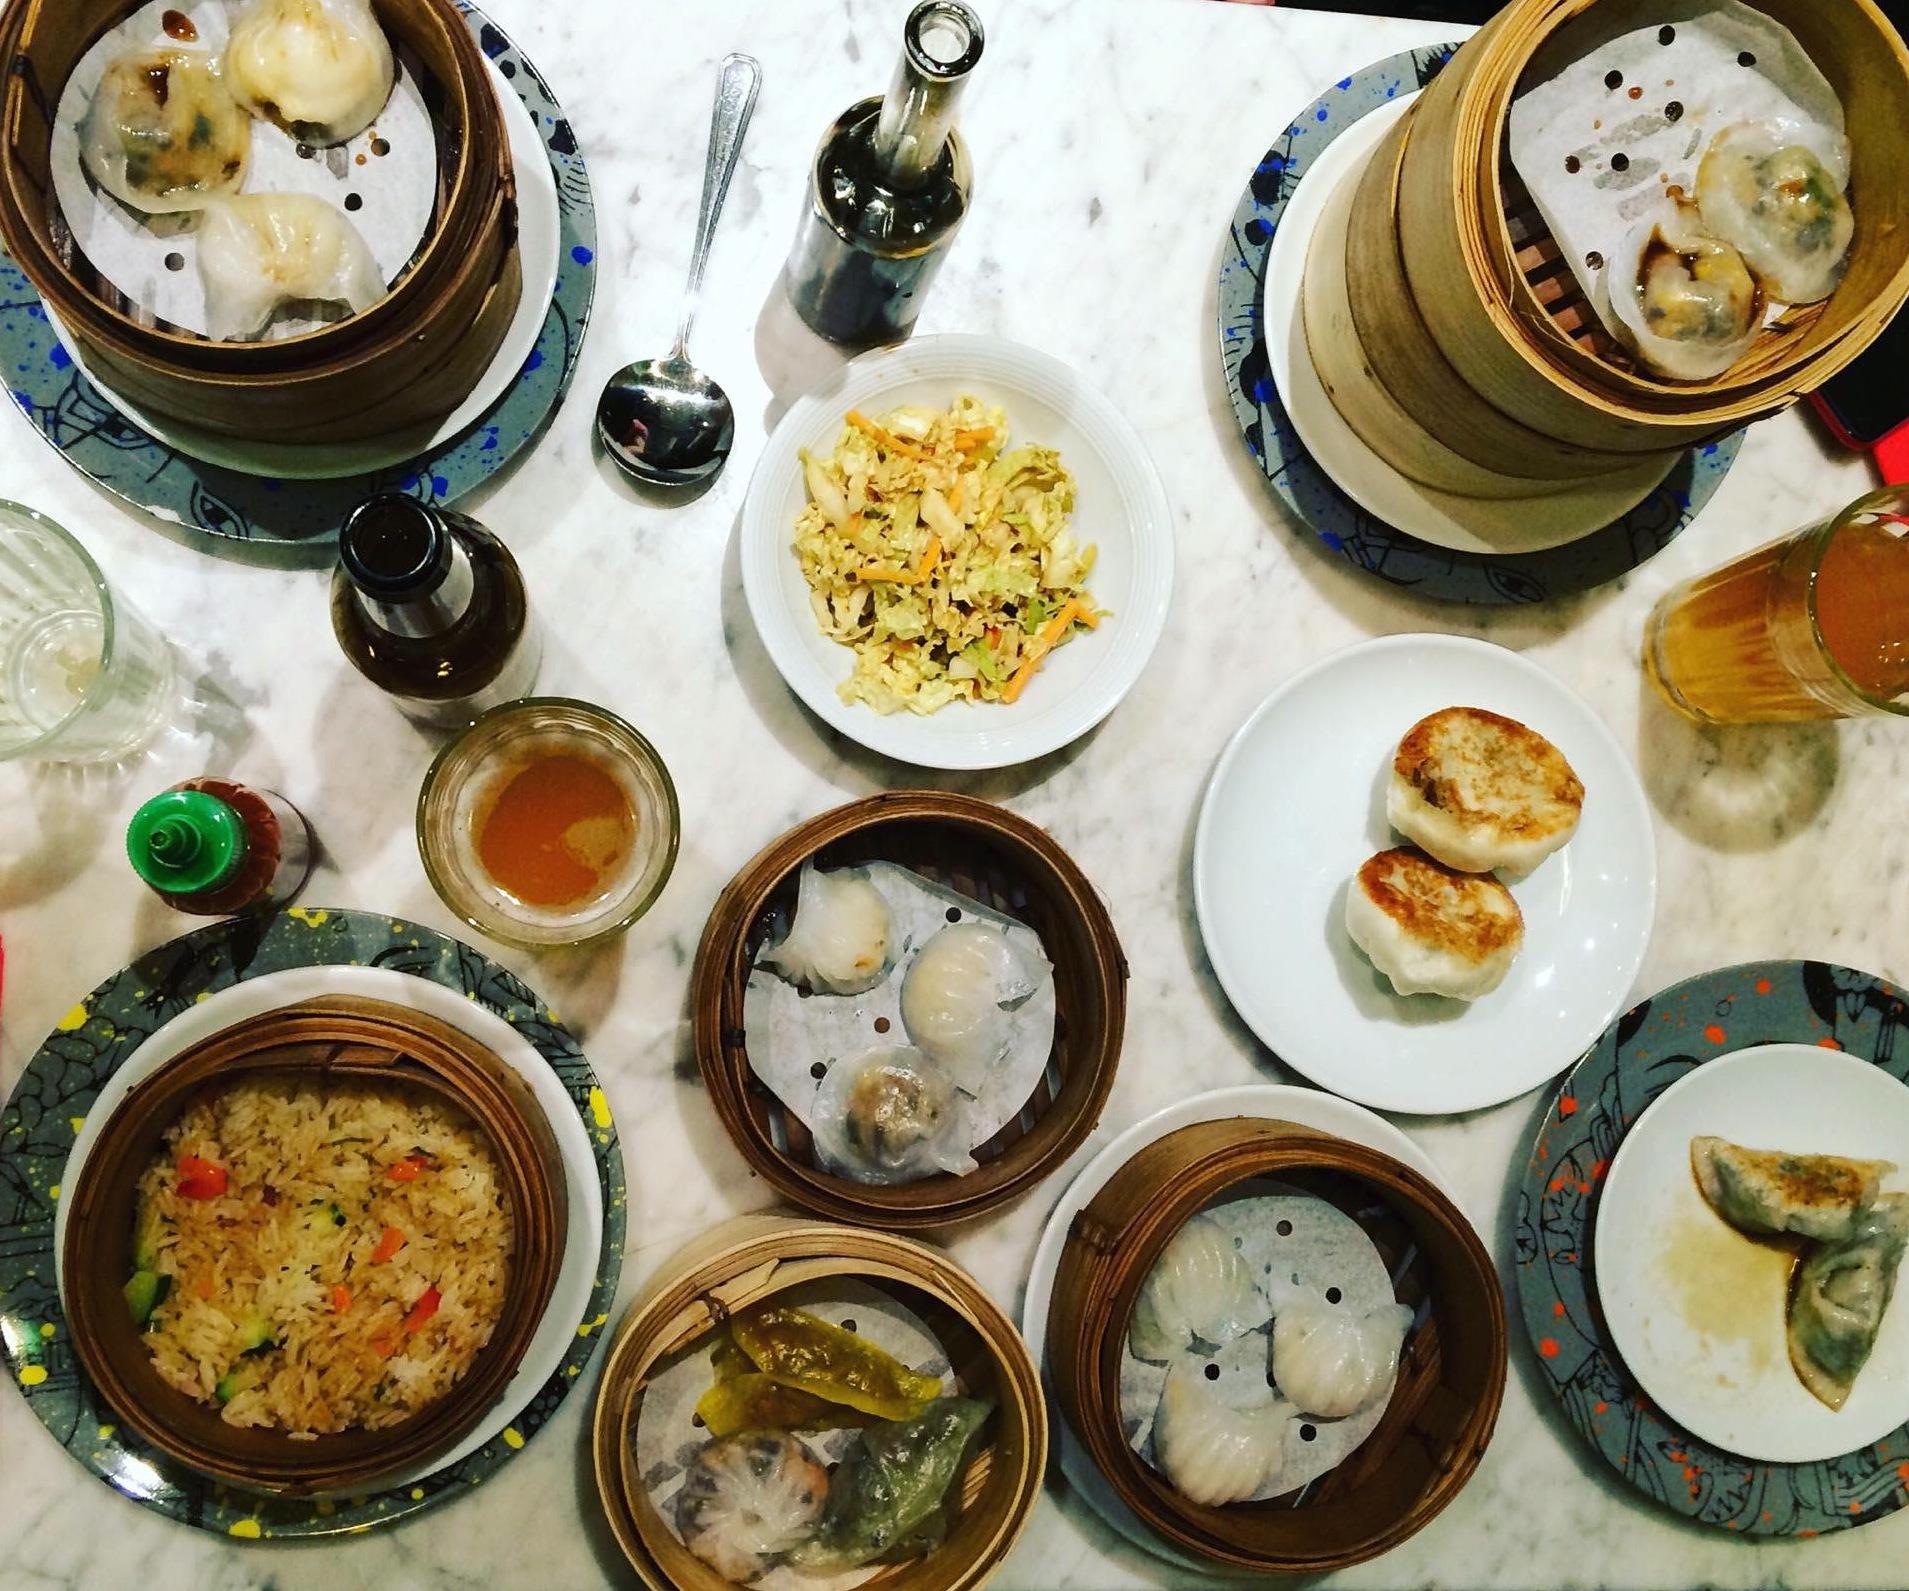 batignolles lesbatignolles paris 17 restaurant yoom dim sum tapas asiatique